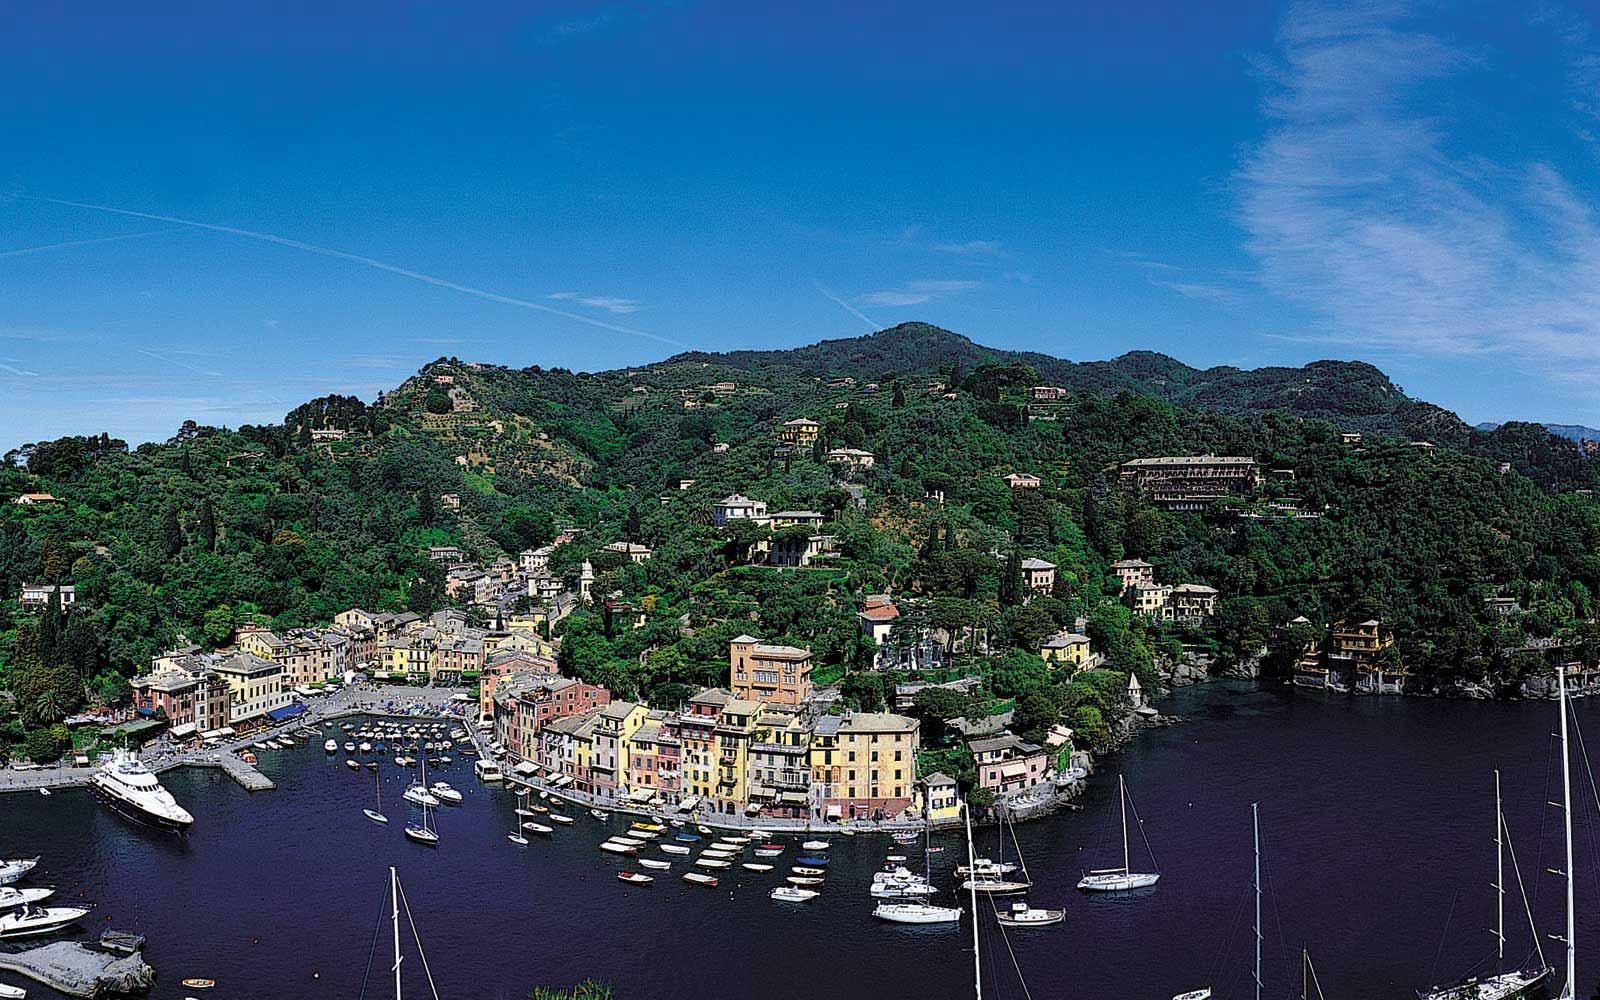 Belmond Hotel Splendido & Splendido Mare - Portofino